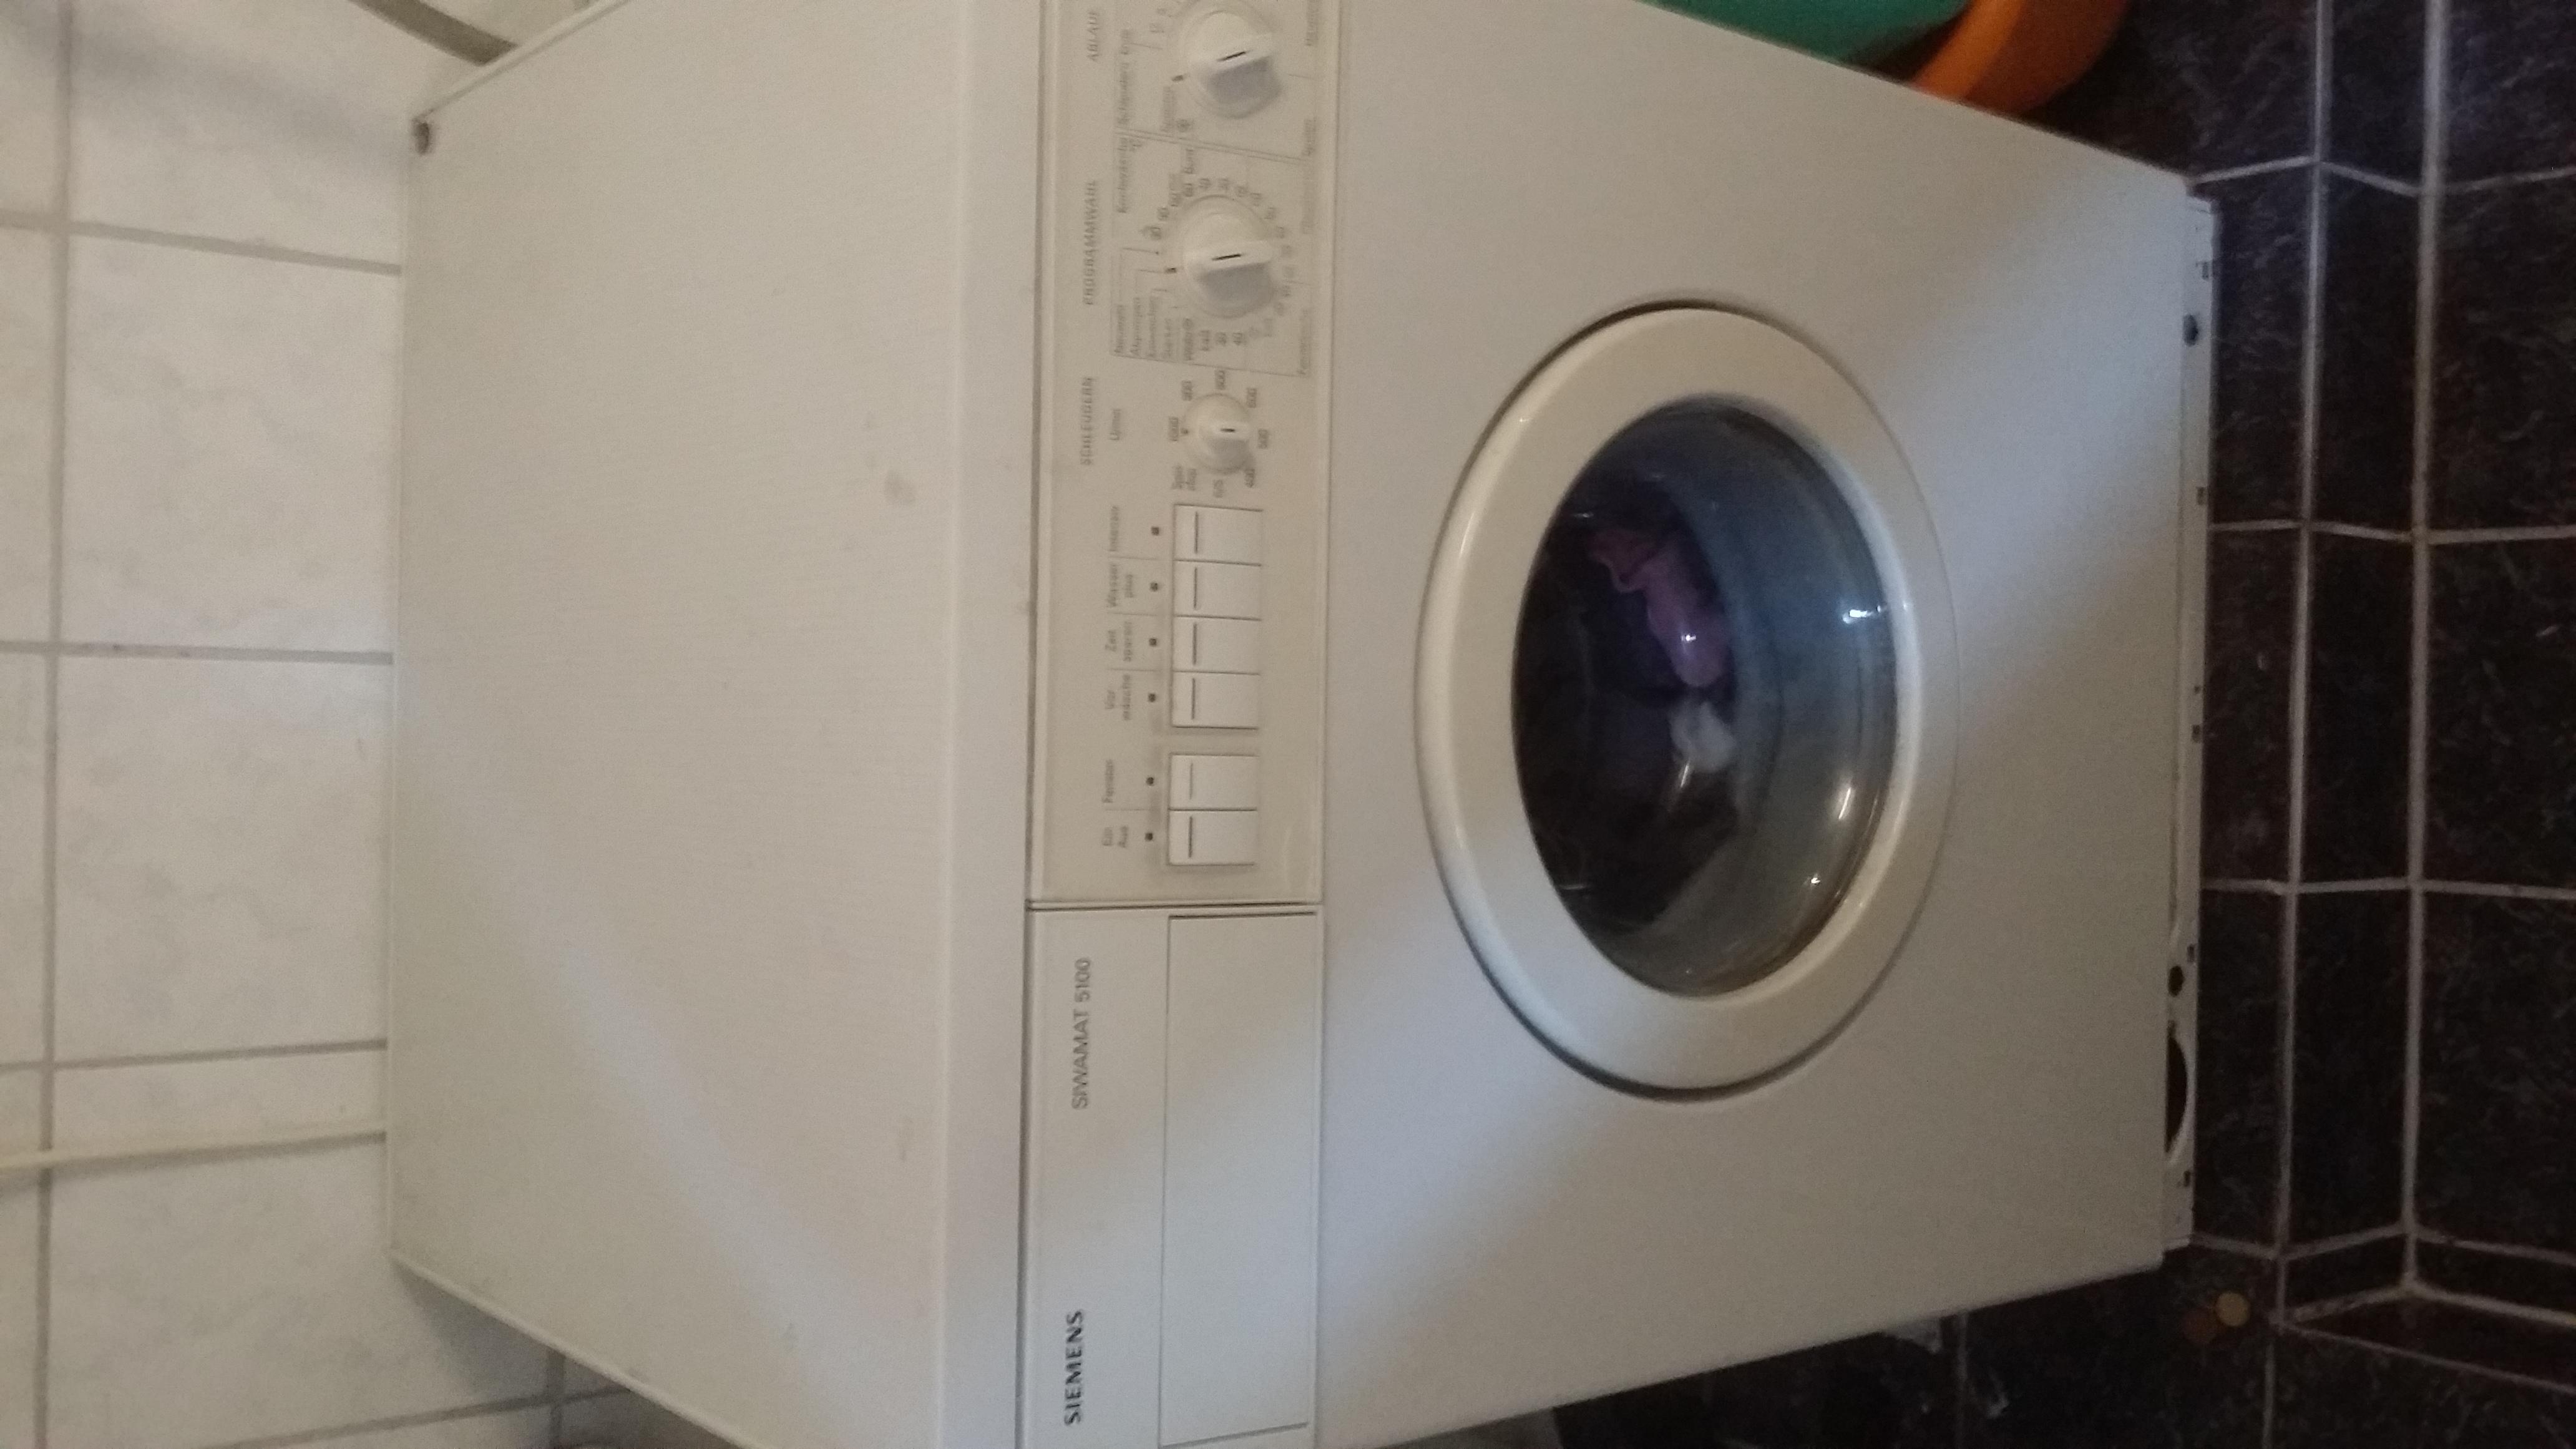 alte siemens waschmaschine pumpt nicht ab technik technologie pumpe. Black Bedroom Furniture Sets. Home Design Ideas